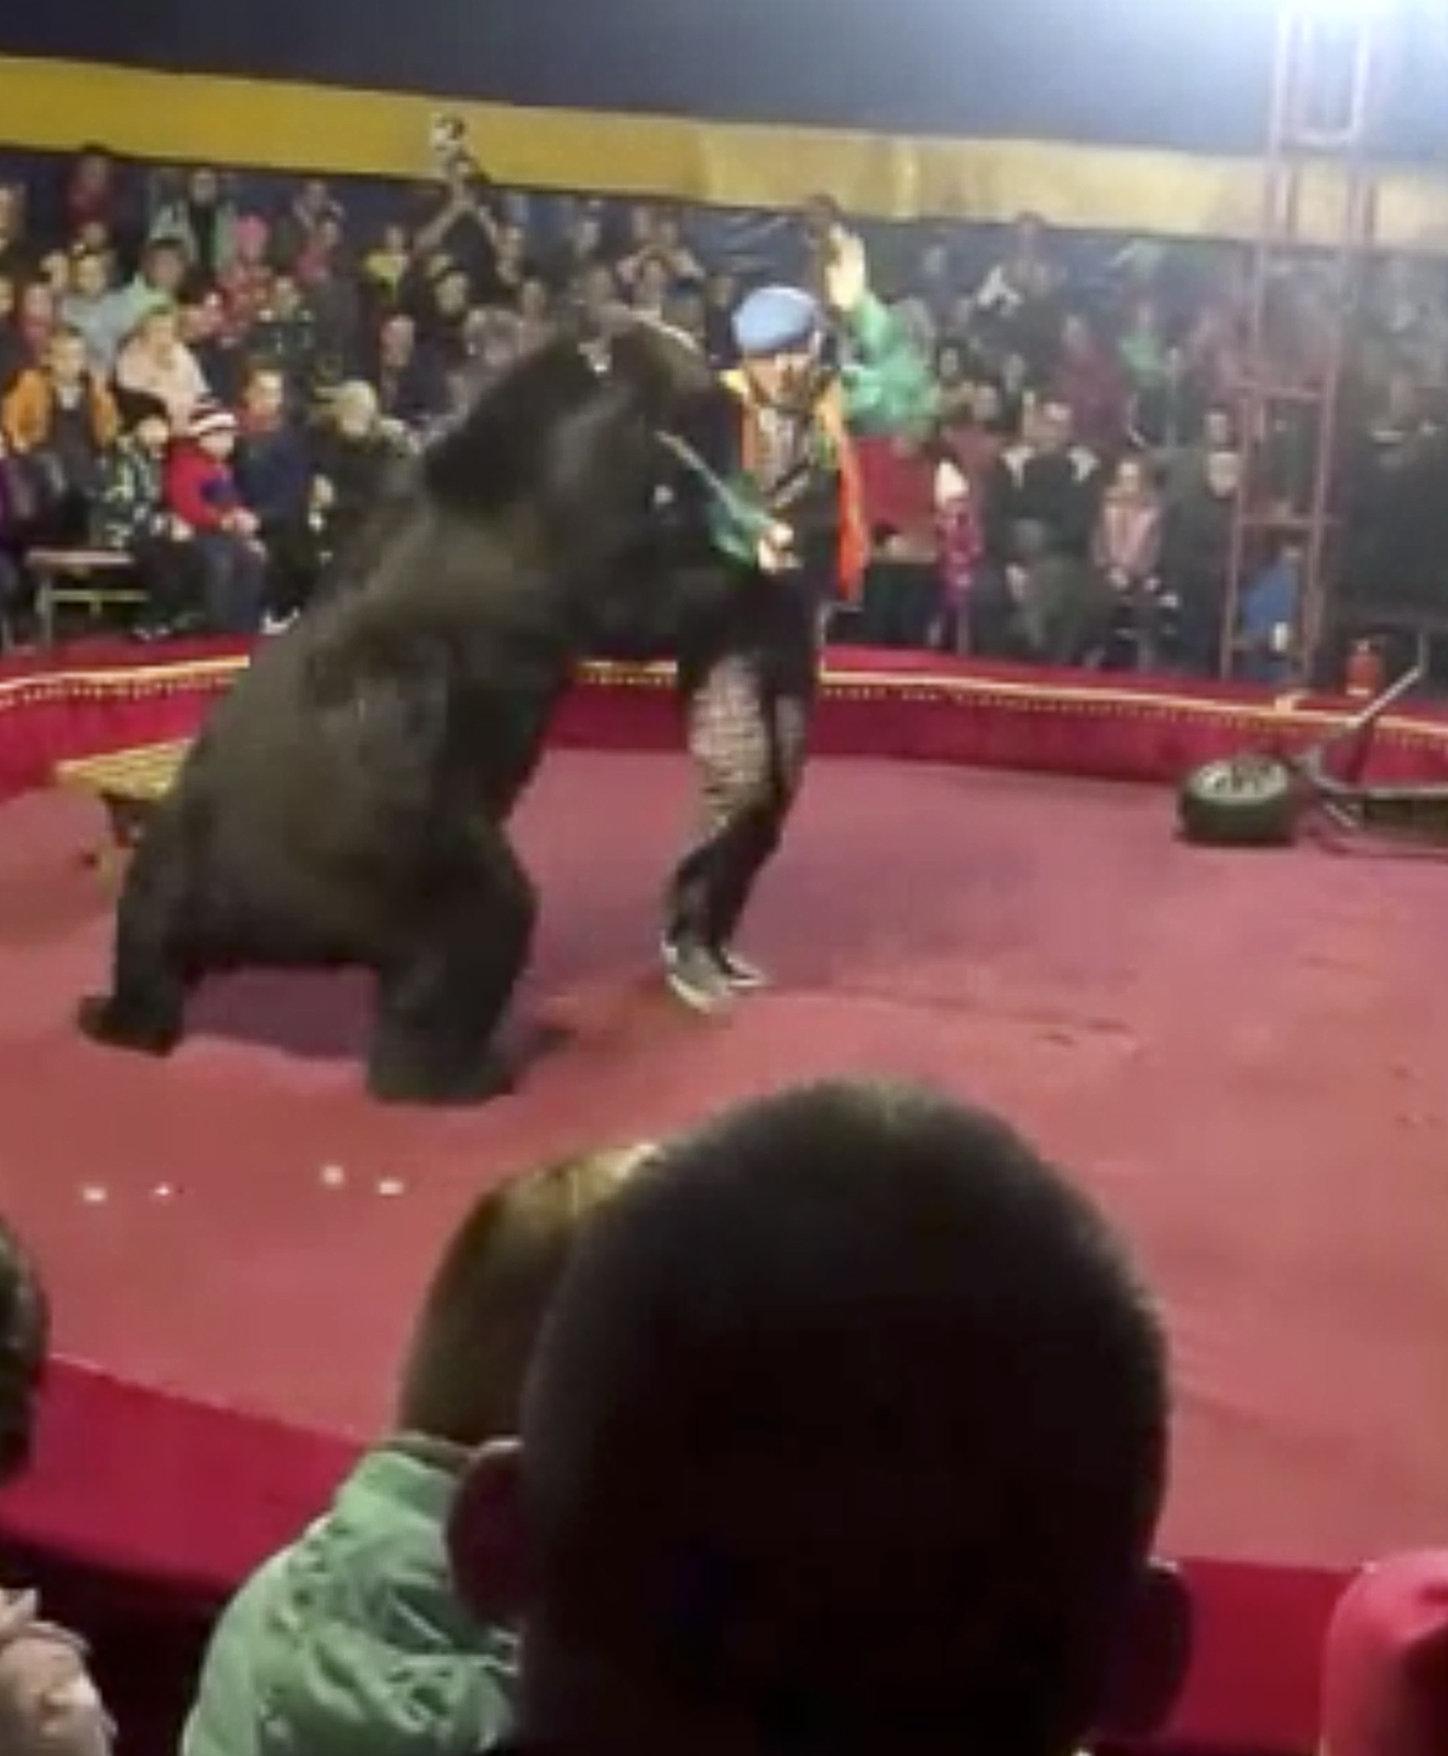 Schock bei Zirkus-Show in Russland: Bär fällt Dompteur an